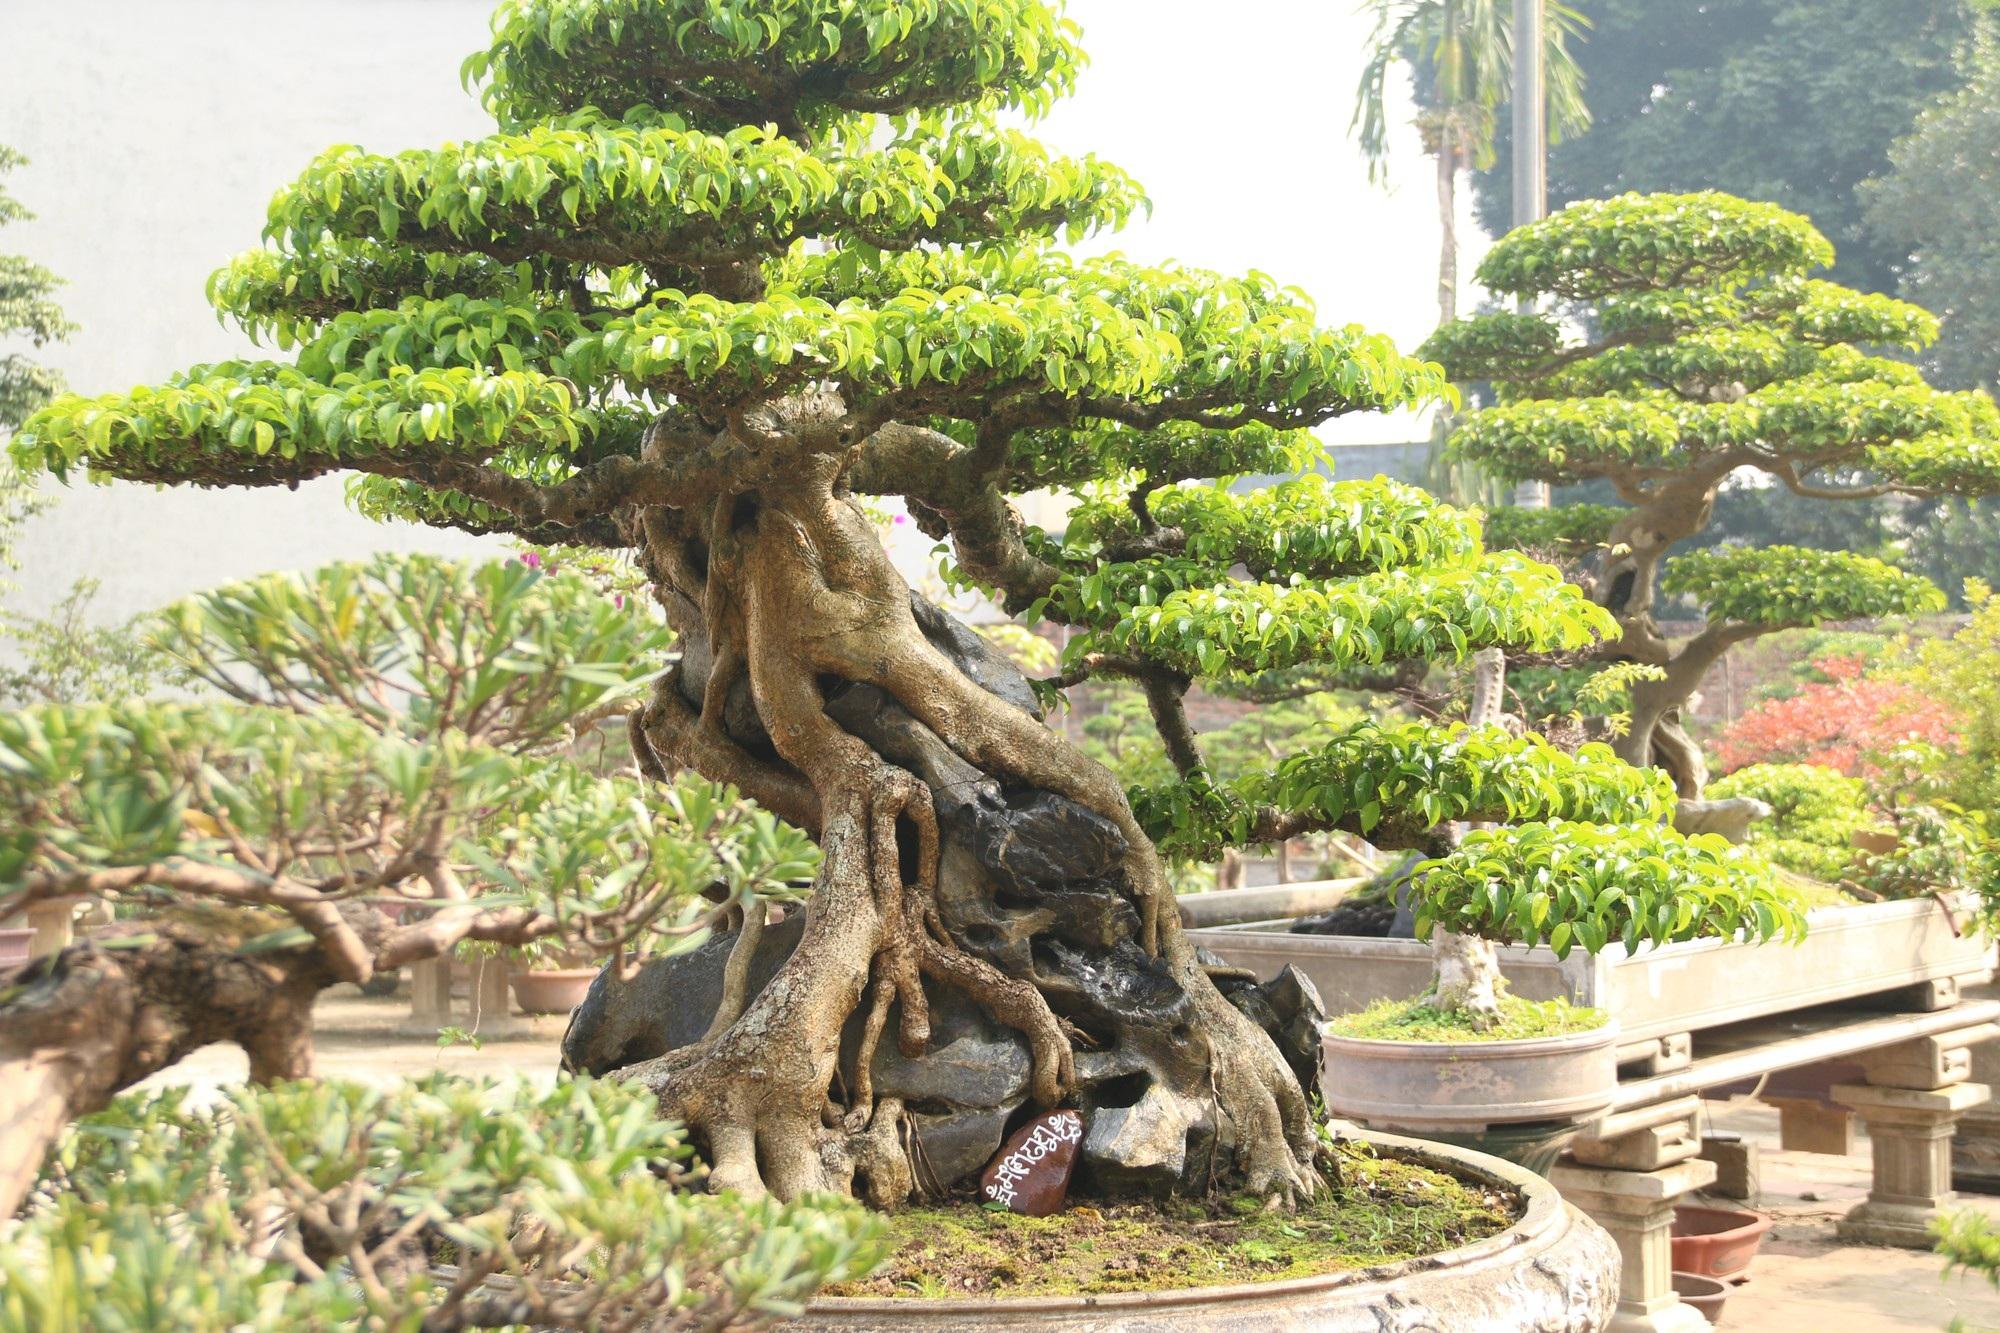 Chiêm ngưỡng sanh cổ dáng phượng giá triệu đô của ông vua cây cảnh Việt Nam - Ảnh 3.